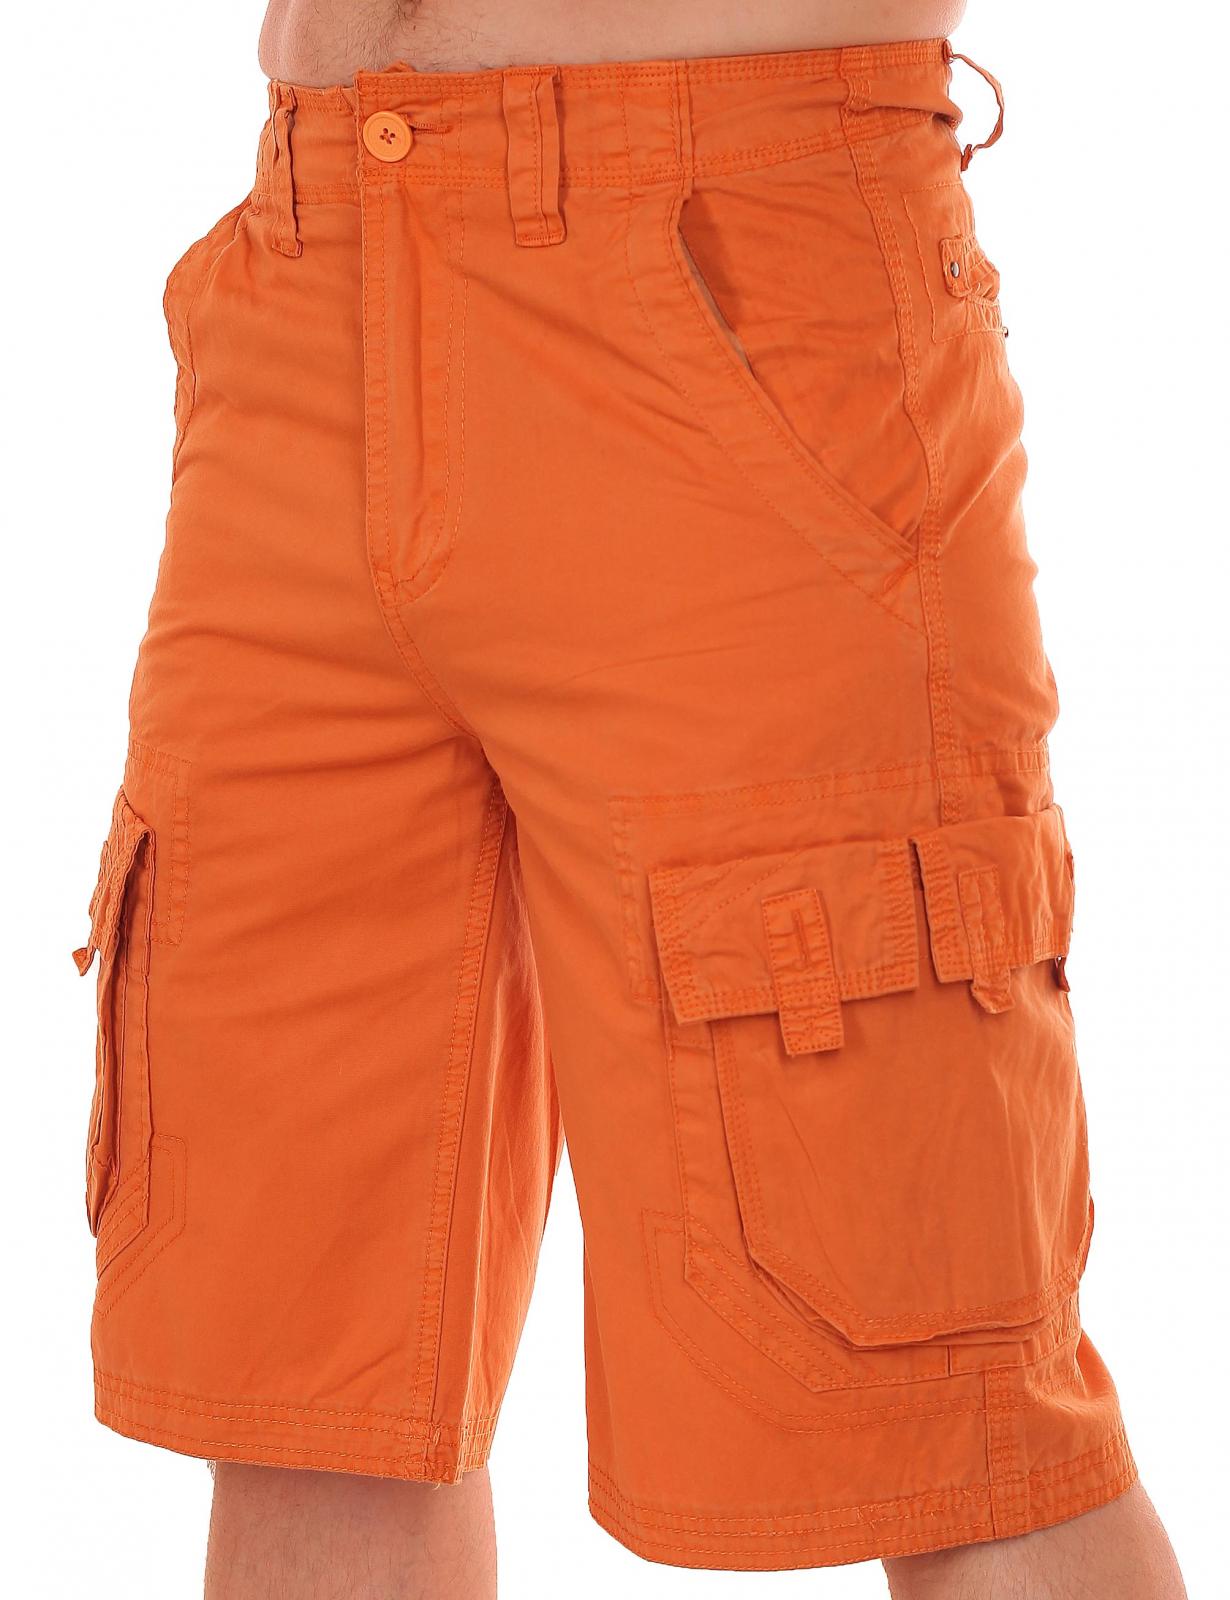 Оригинальные оранжевые мужские шорты от Grind House